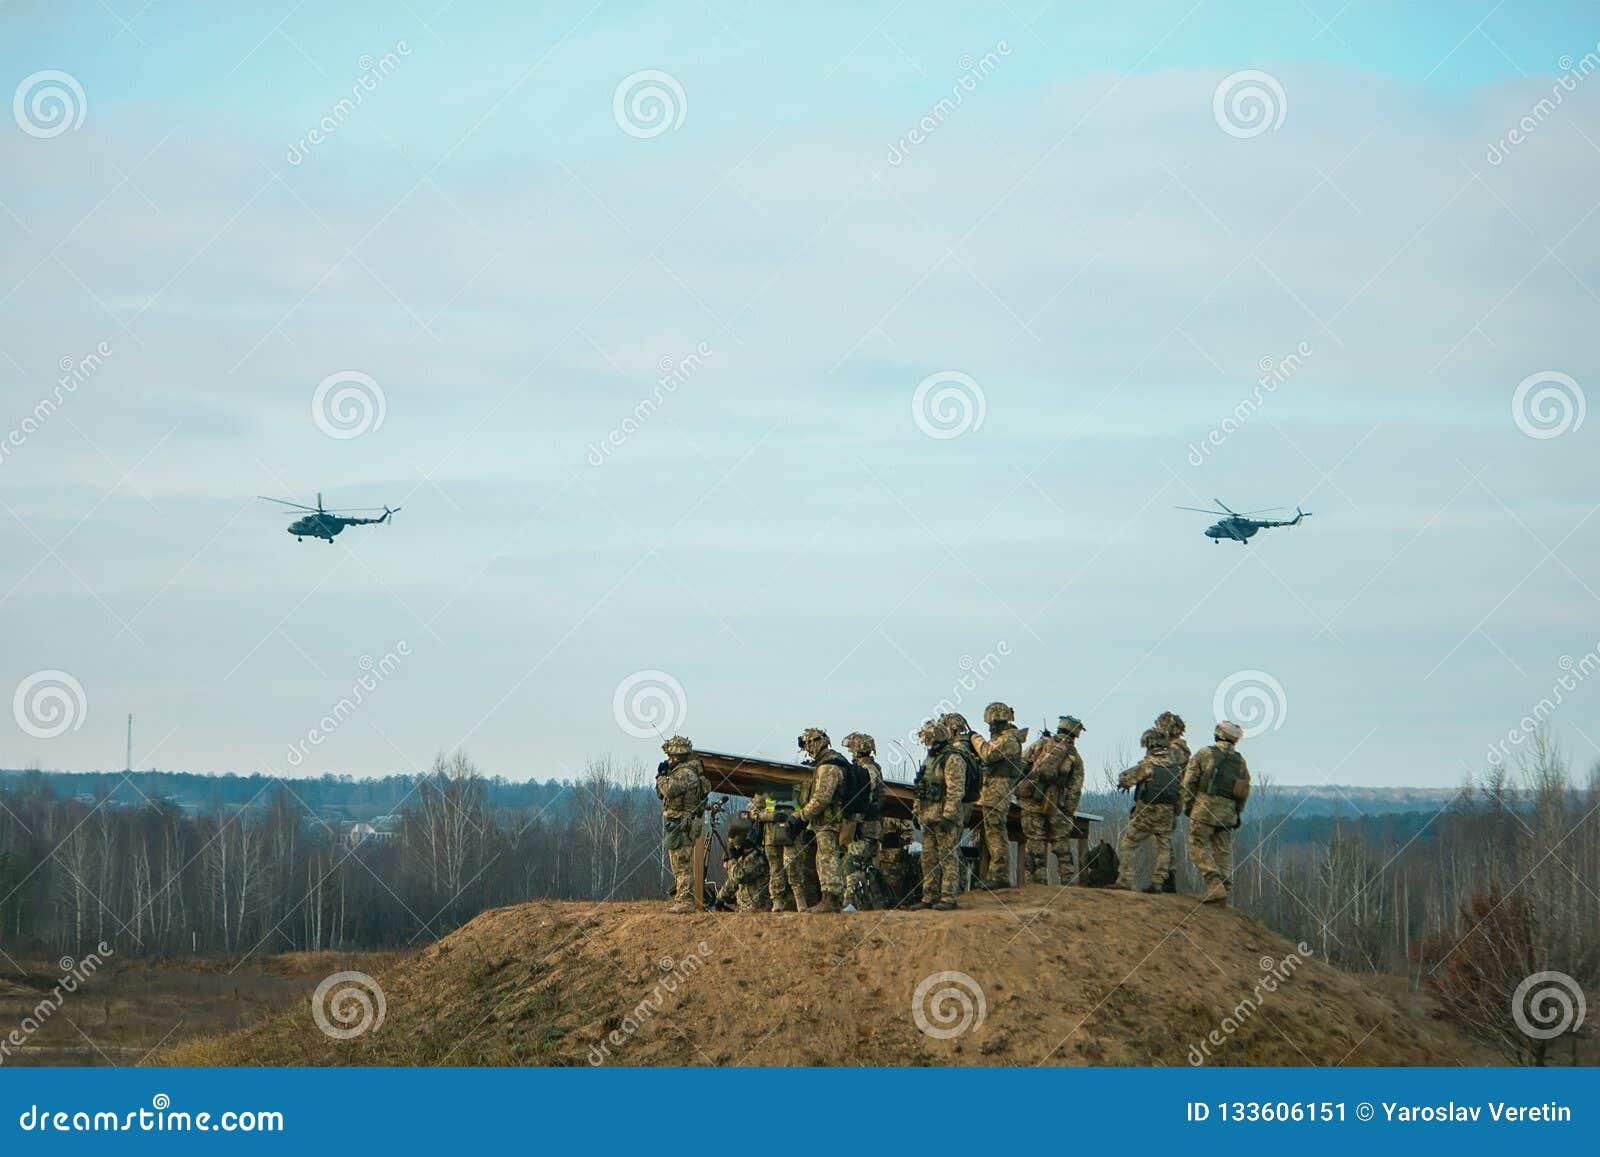 Militaire legerhelikopters die boven militair gebied vliegen